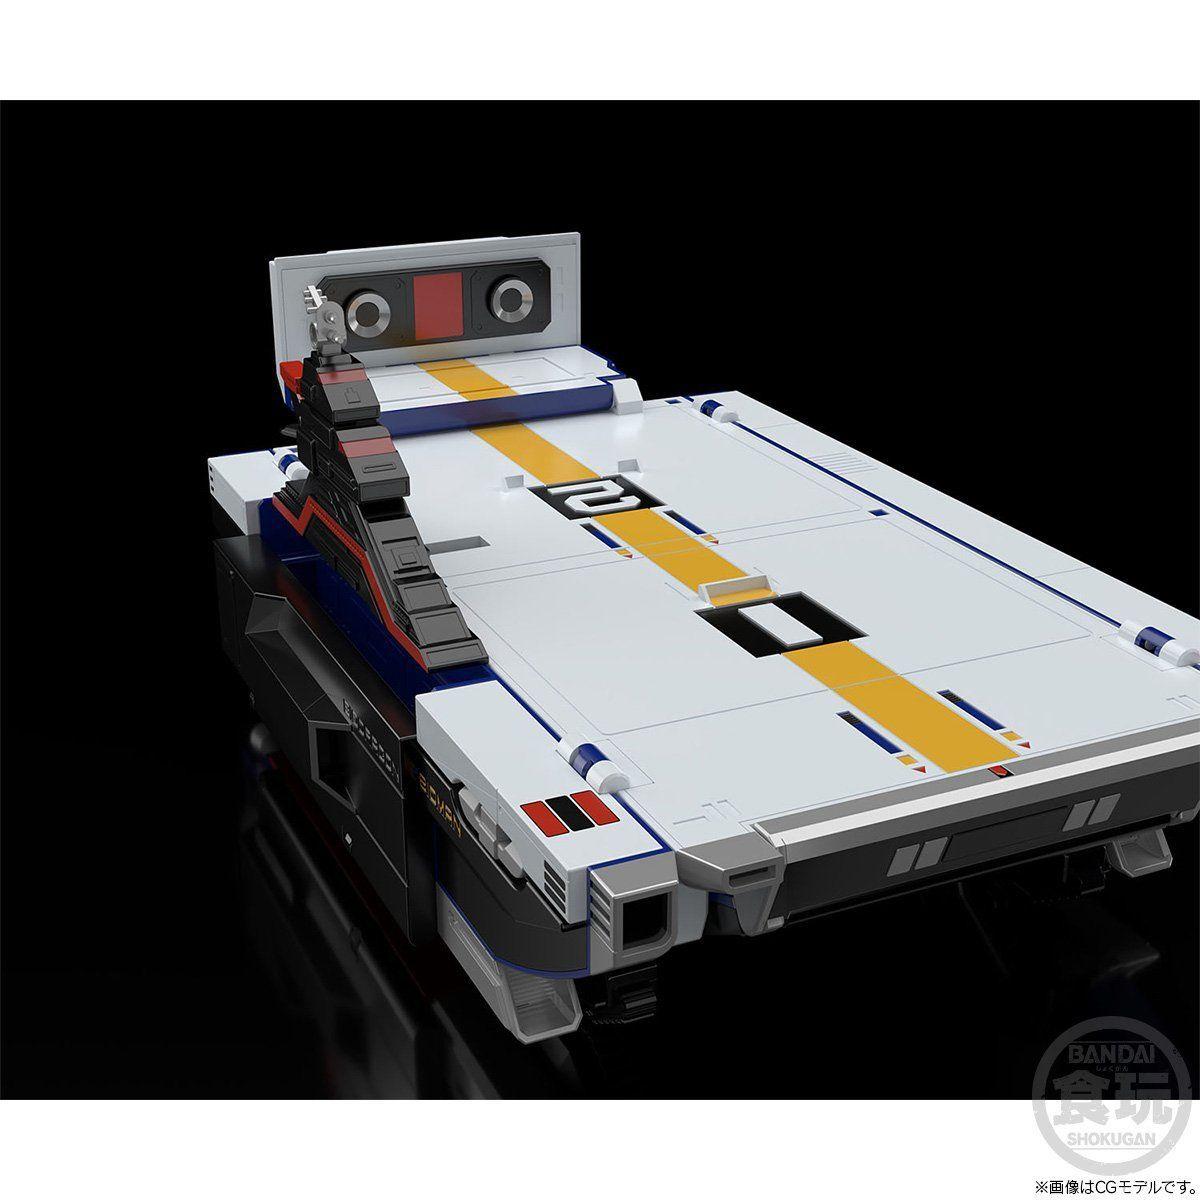 【食玩】スーパーミニプラ『電子合体 バイオロボ』超電子バイオマン 2個入りBOX-015